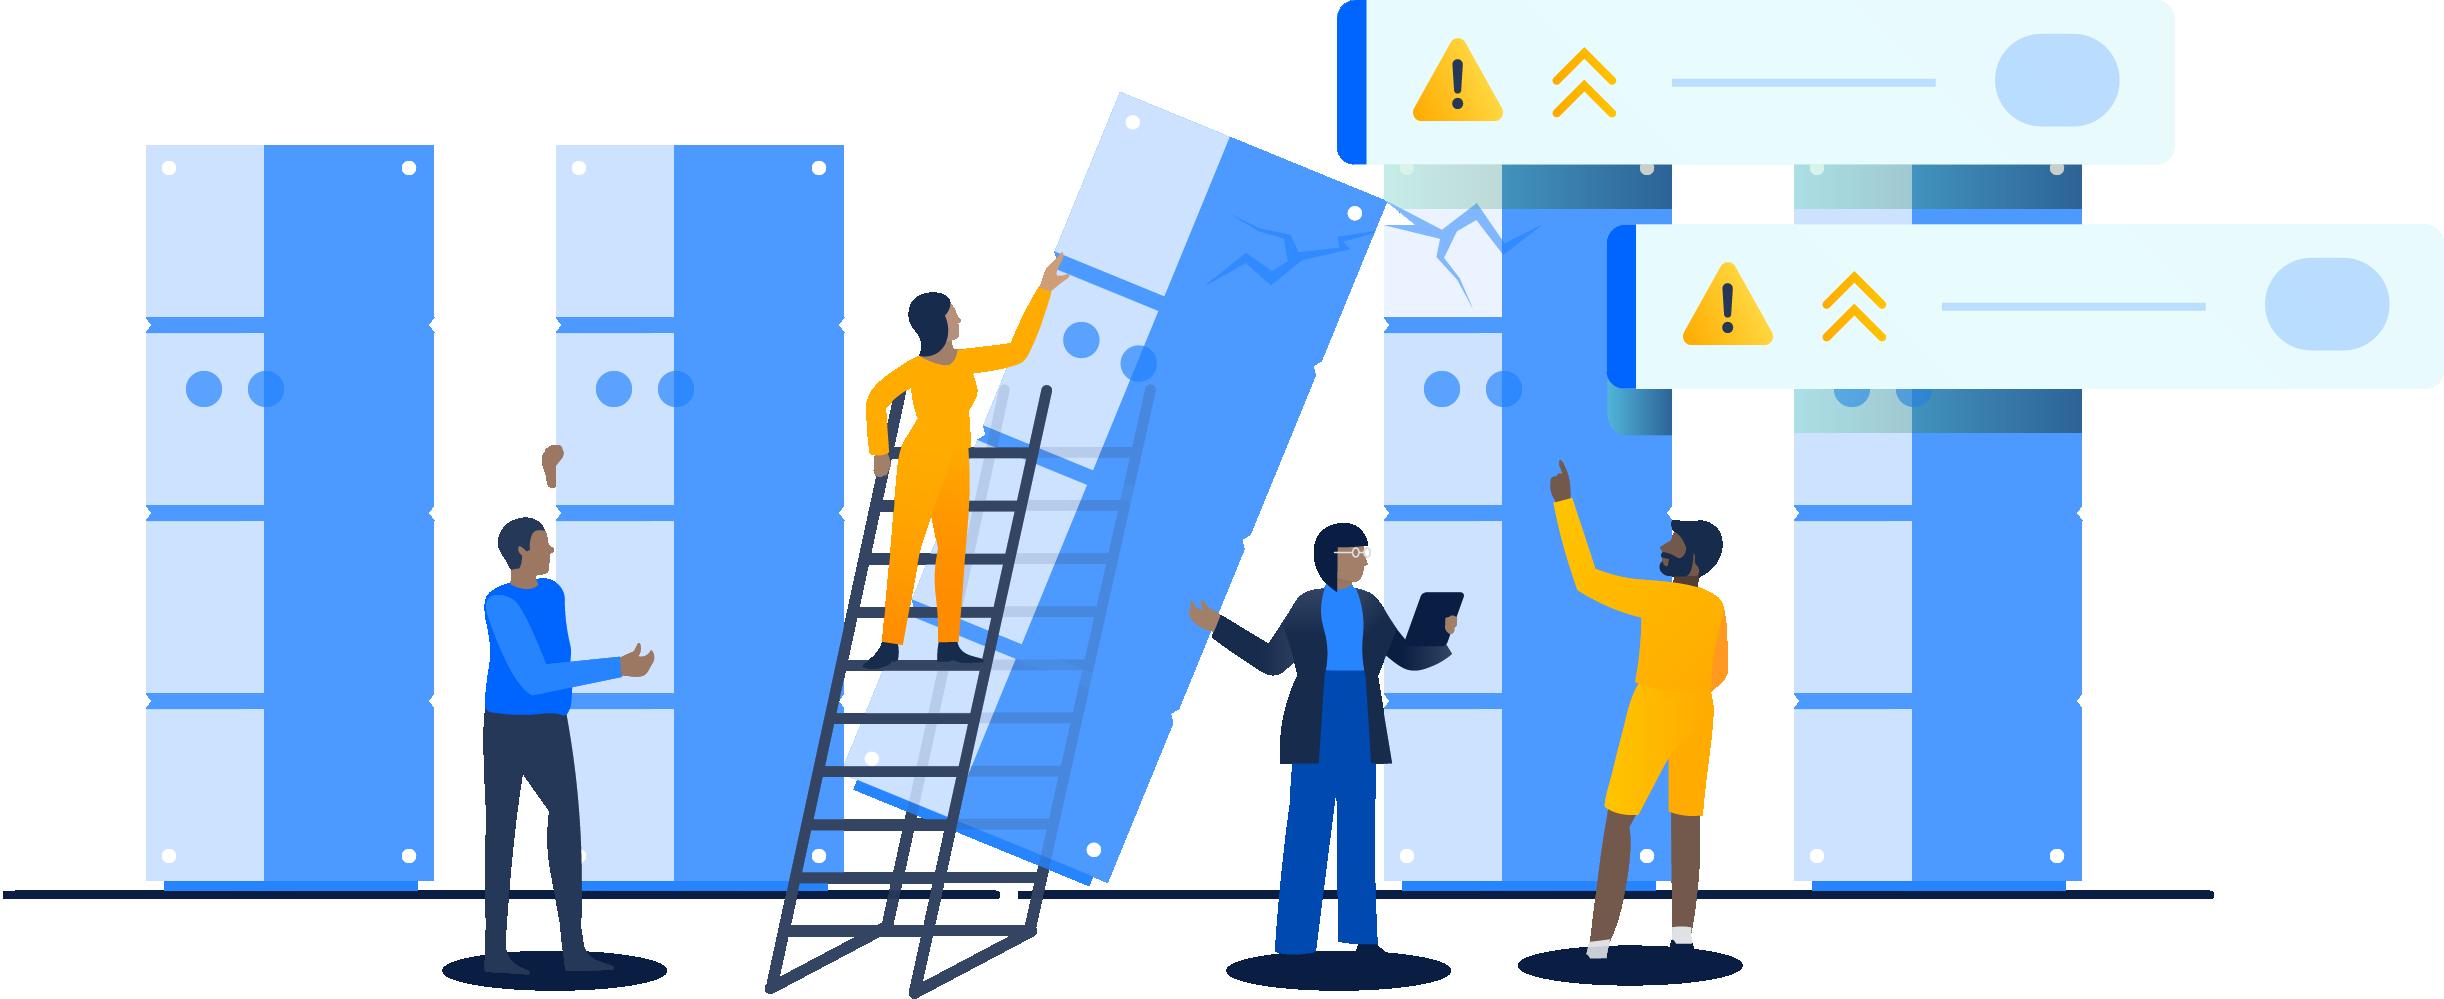 Coluna de servidores com um caindo e causando problemas